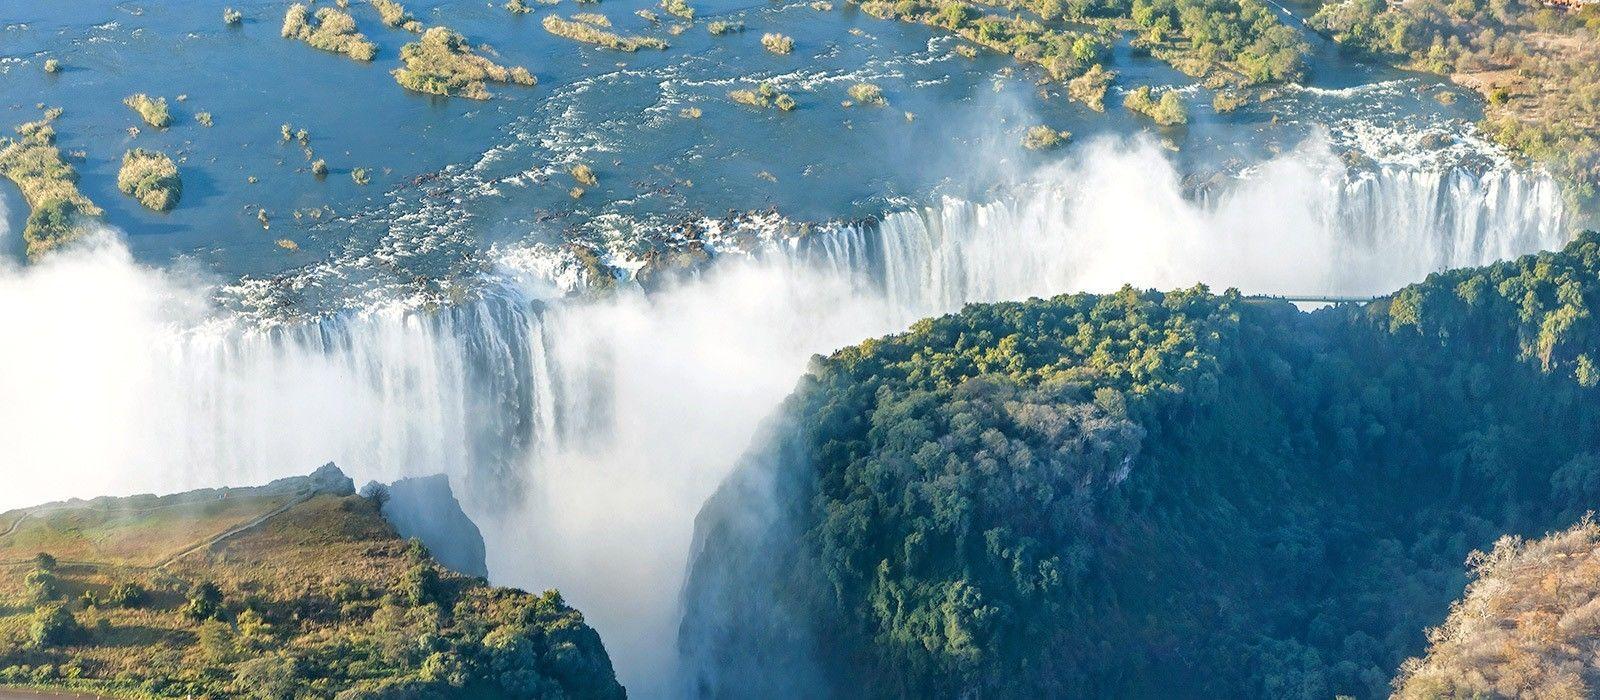 Destination Victoria Falls Zimbabwe